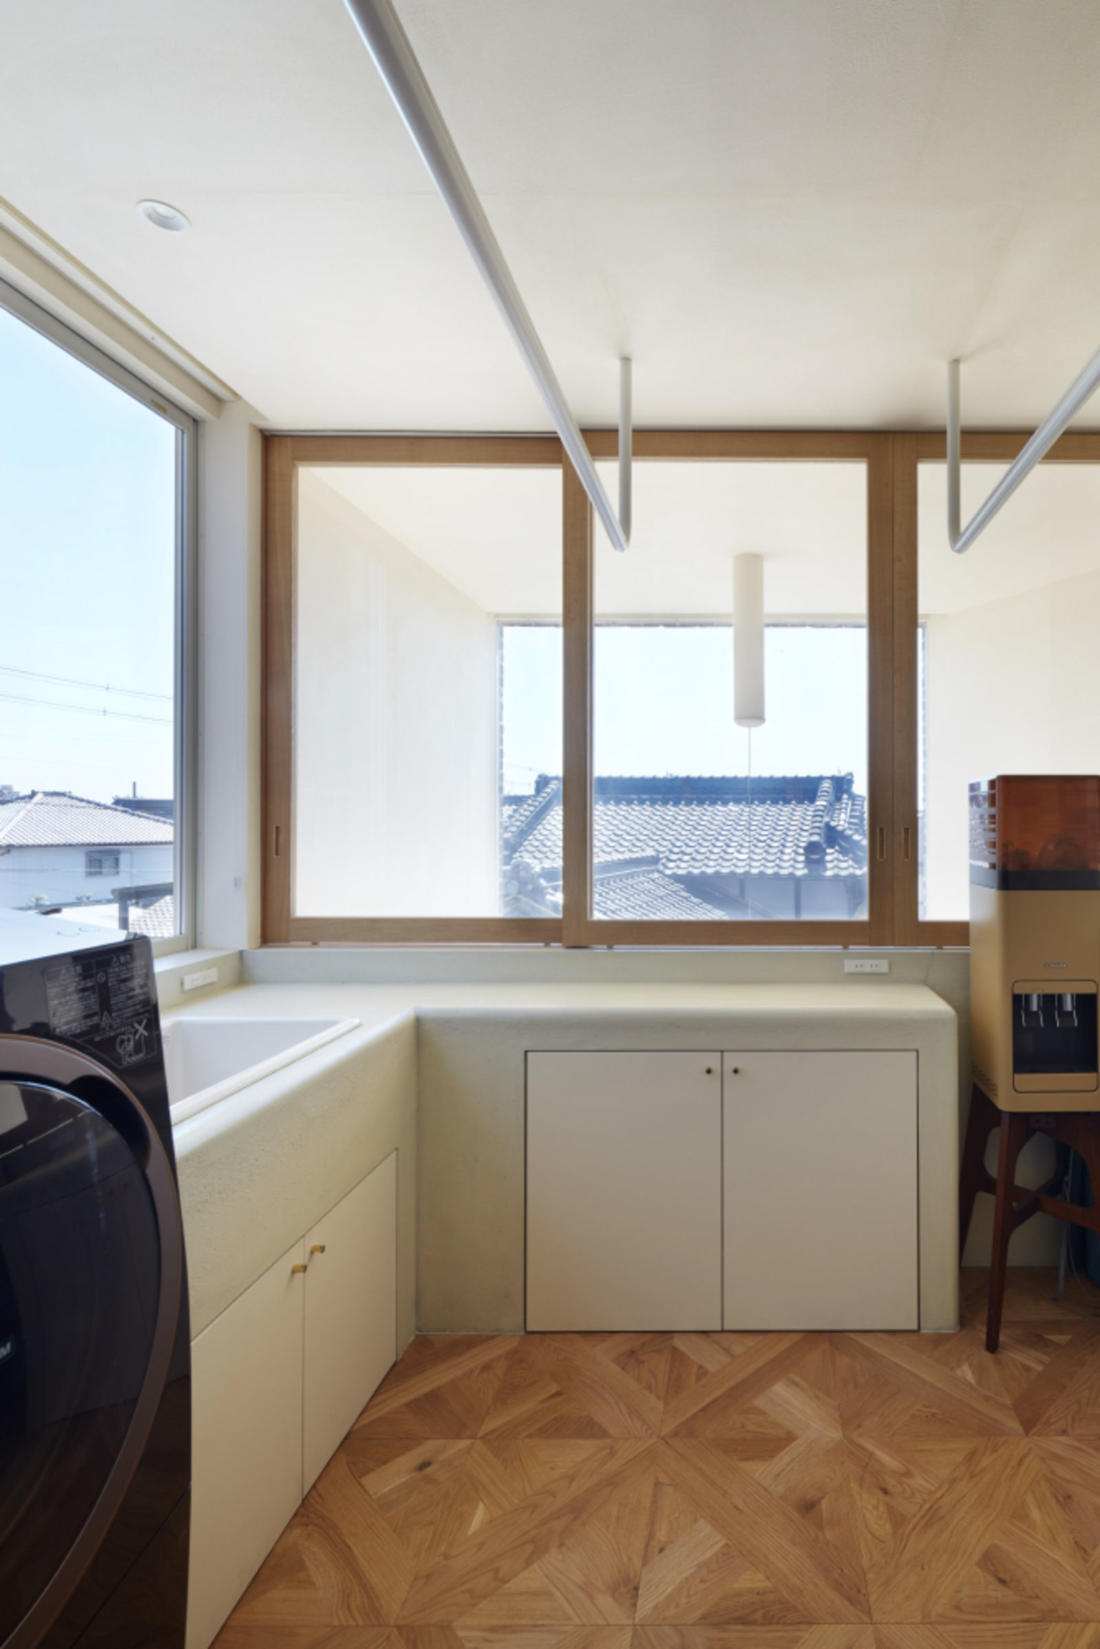 Дом в Хигасиосаке от ателье Fujiwaramuro Architects 13